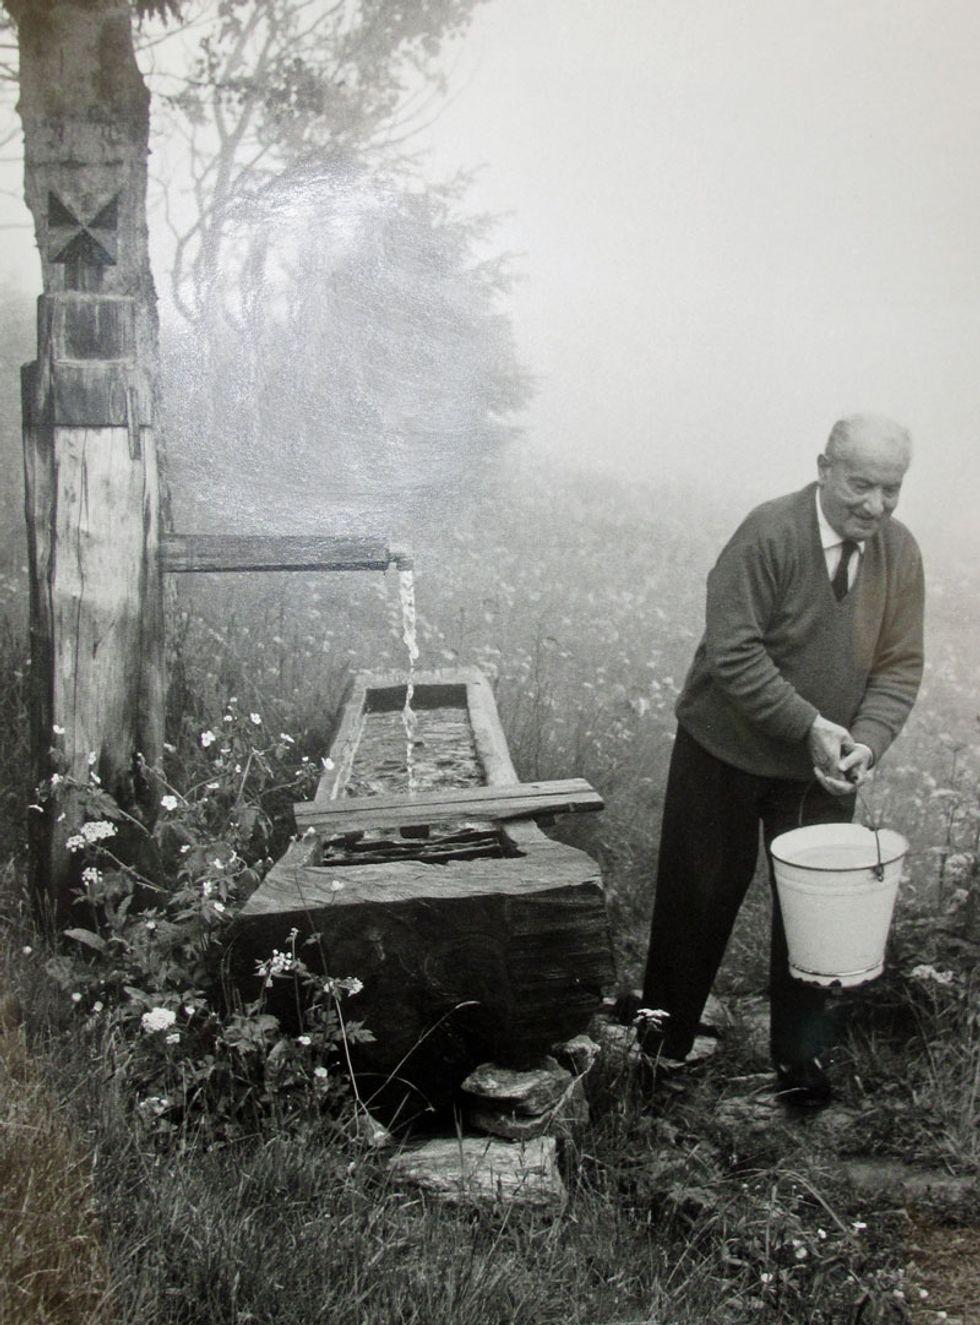 «Un ruminante della filosofia, un imbecille delle Prealpi». Contro Heidegger: il sadismo maniacale e esilarante di Bernhard